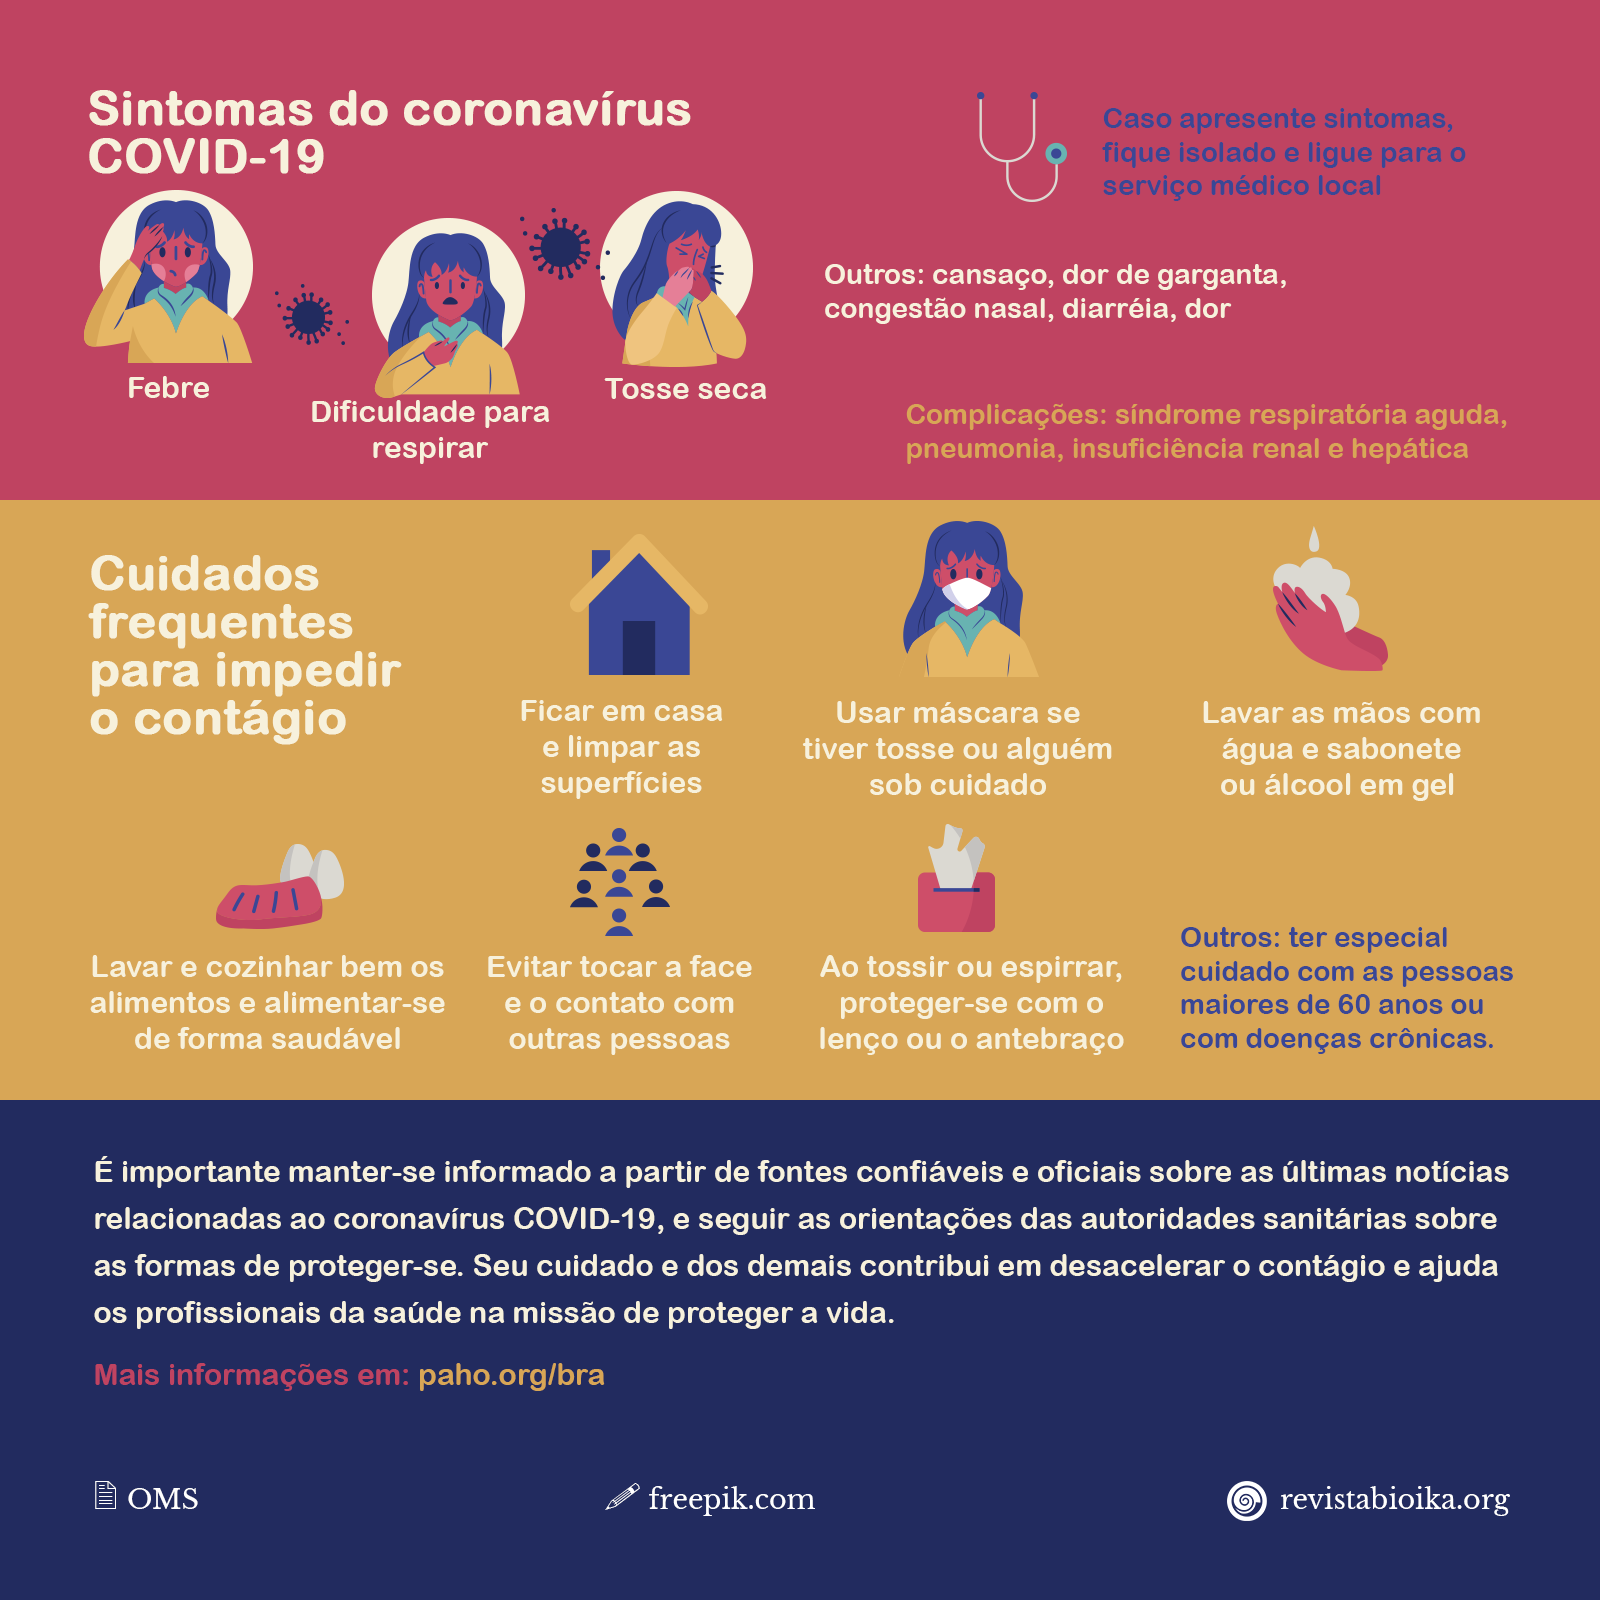 Cartaz sobre sintomas e cuidados do coronavírus (português)